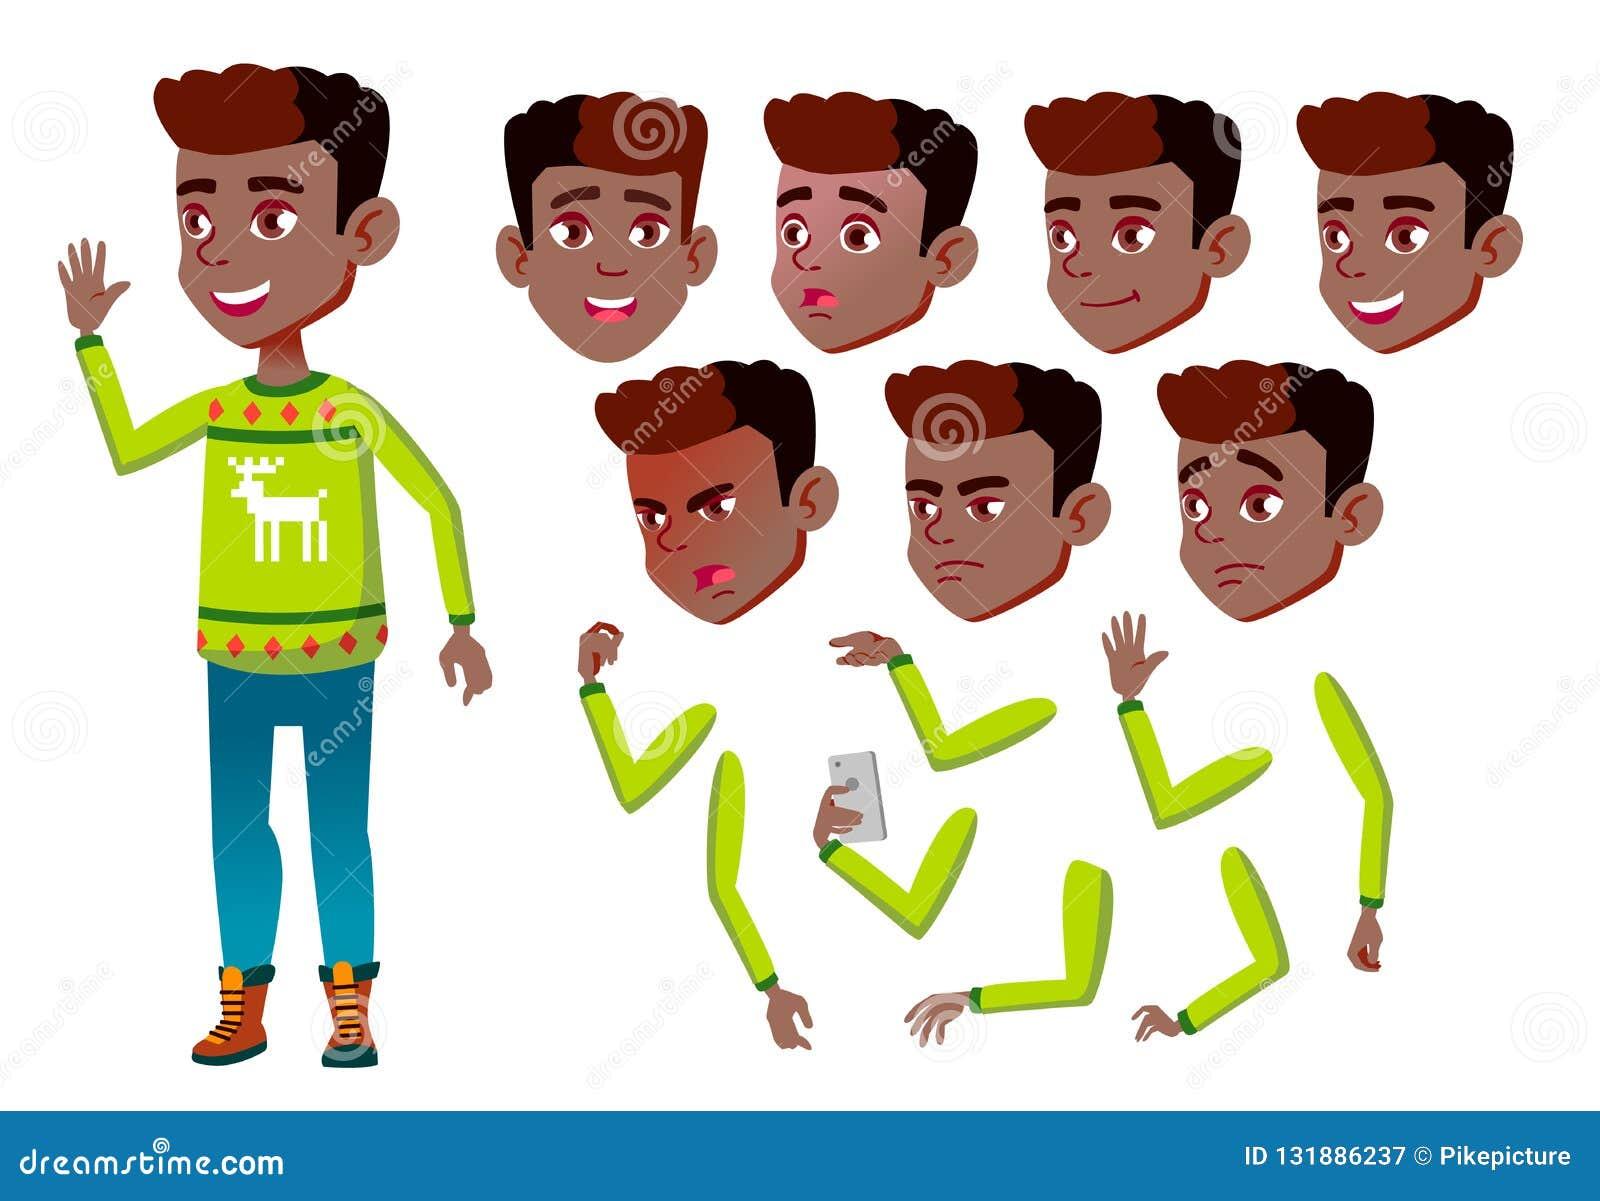 男孩,孩子,孩子,青少年的传染媒介 快乐的学生 投反对票 美国黑人 面孔情感,各种各样的姿态 动画创作